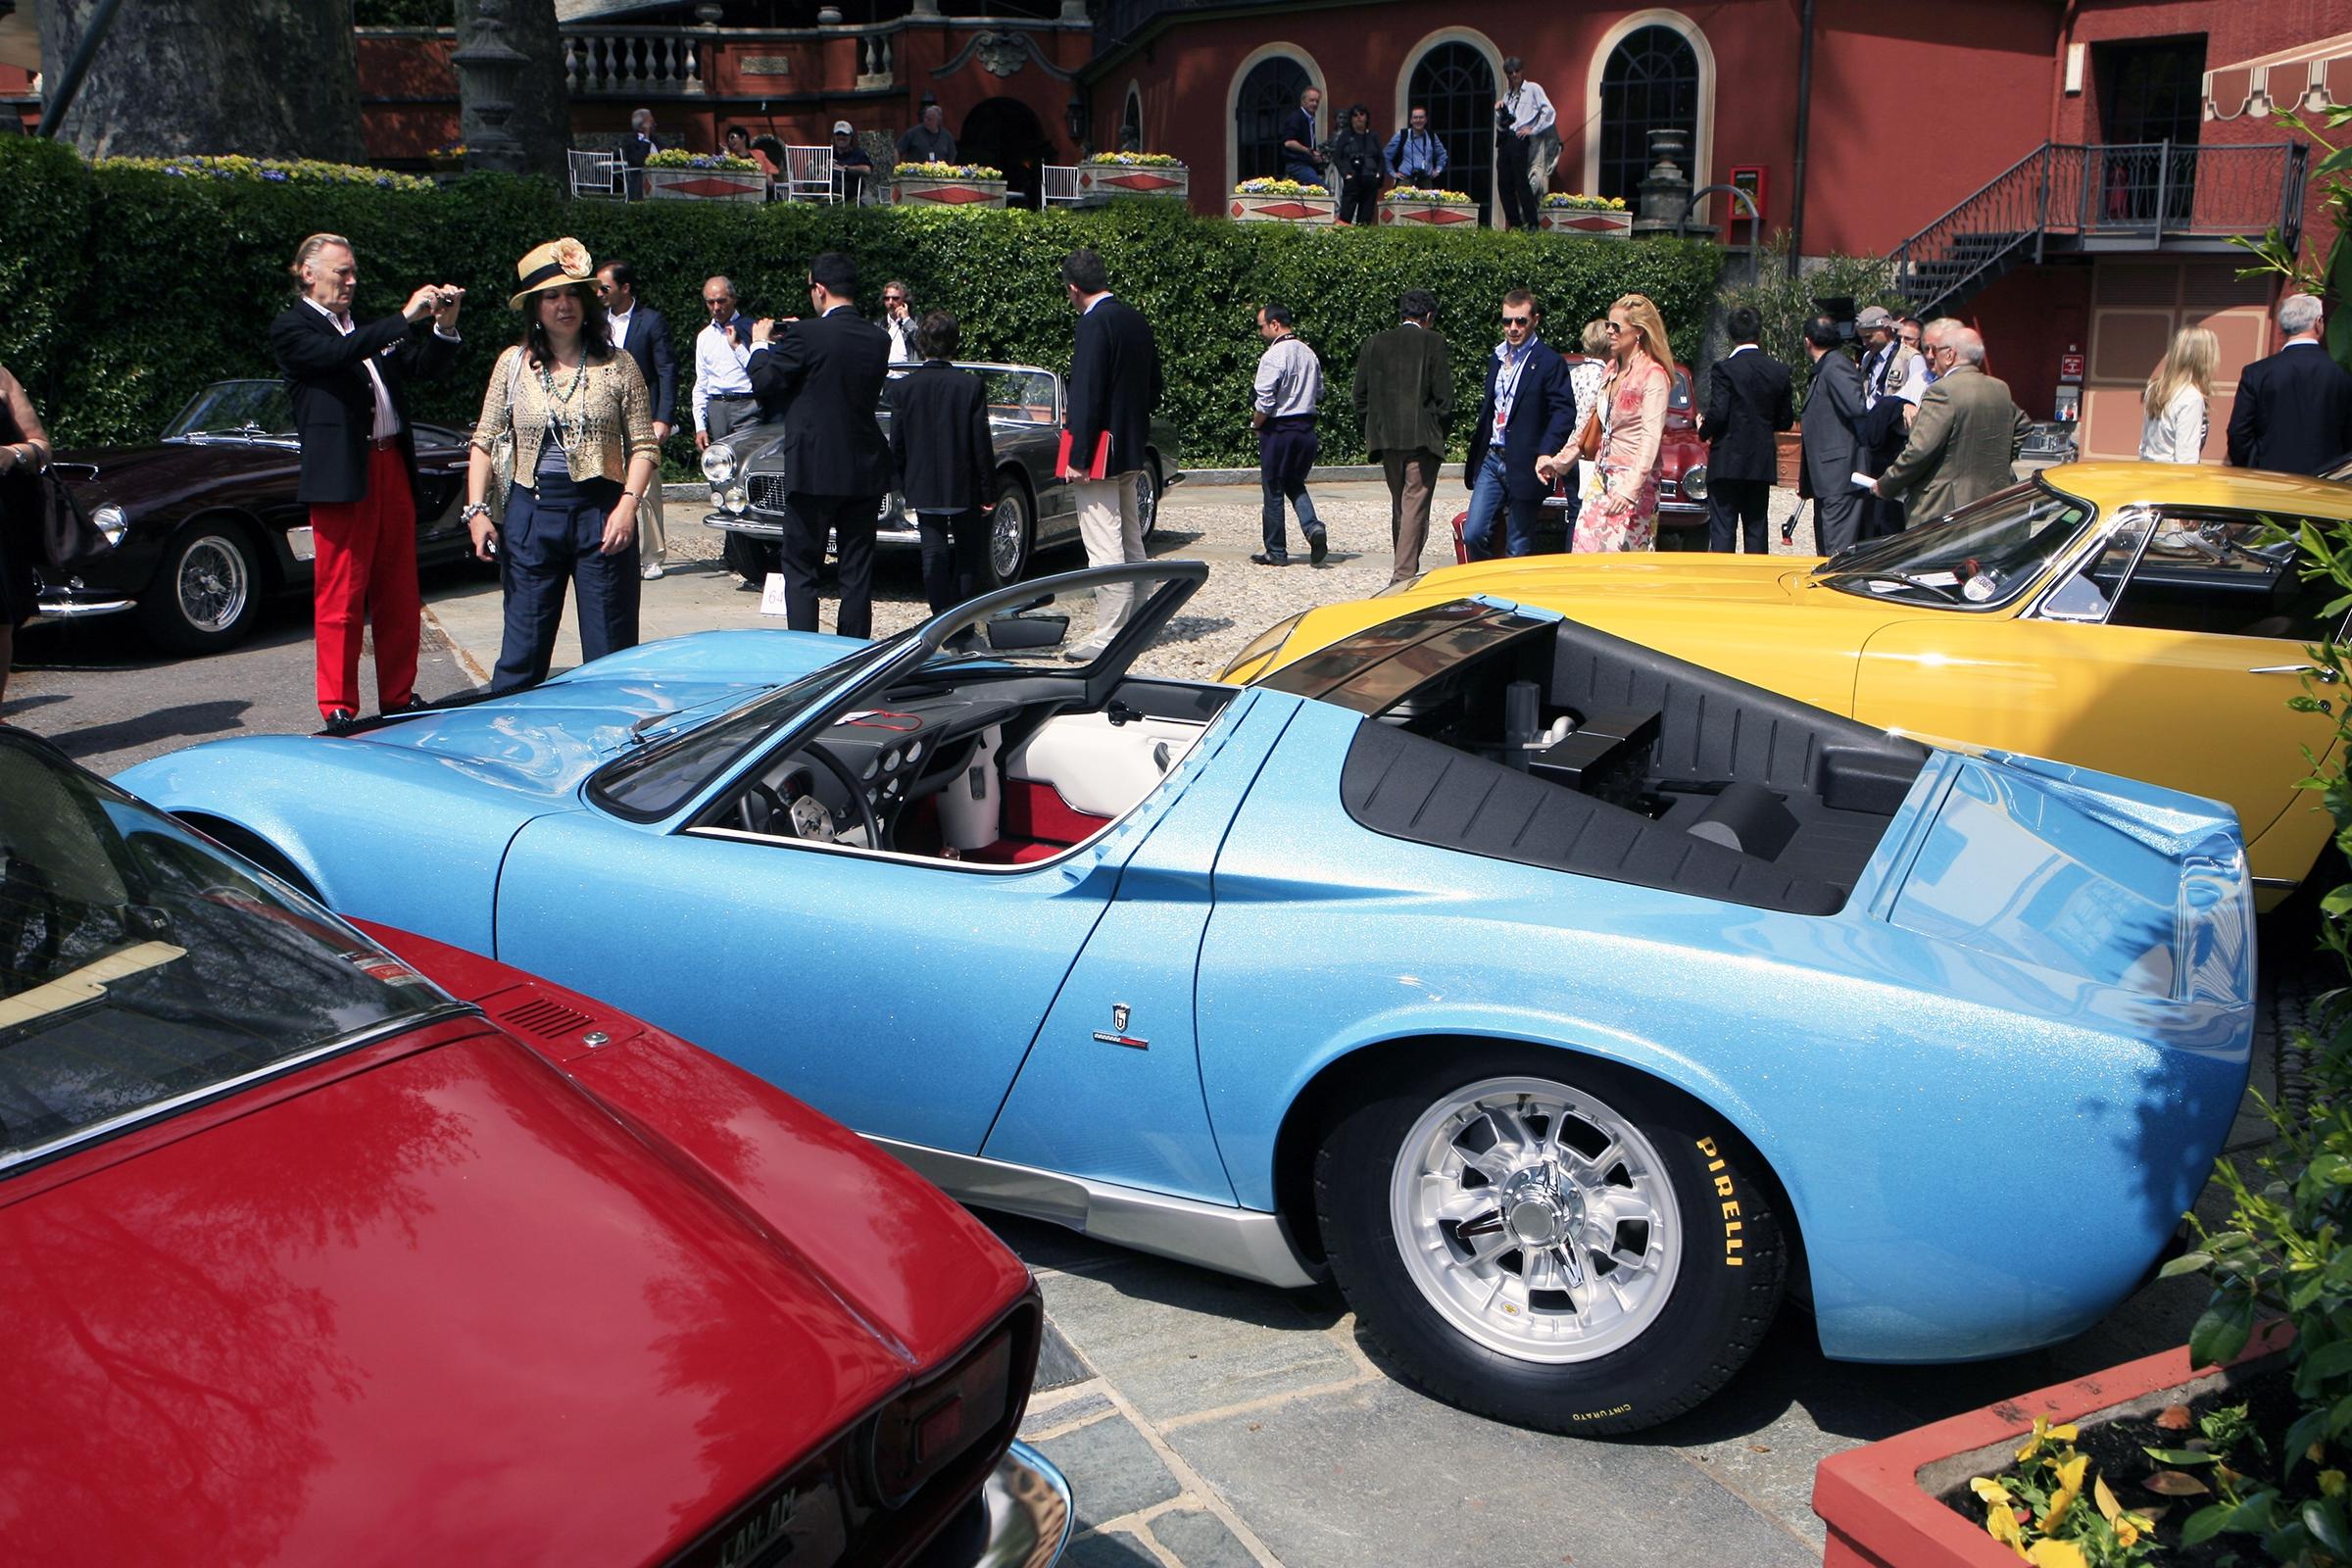 Saturday unique cars on display: One-off LAMBORGHINI - MIURA roadster